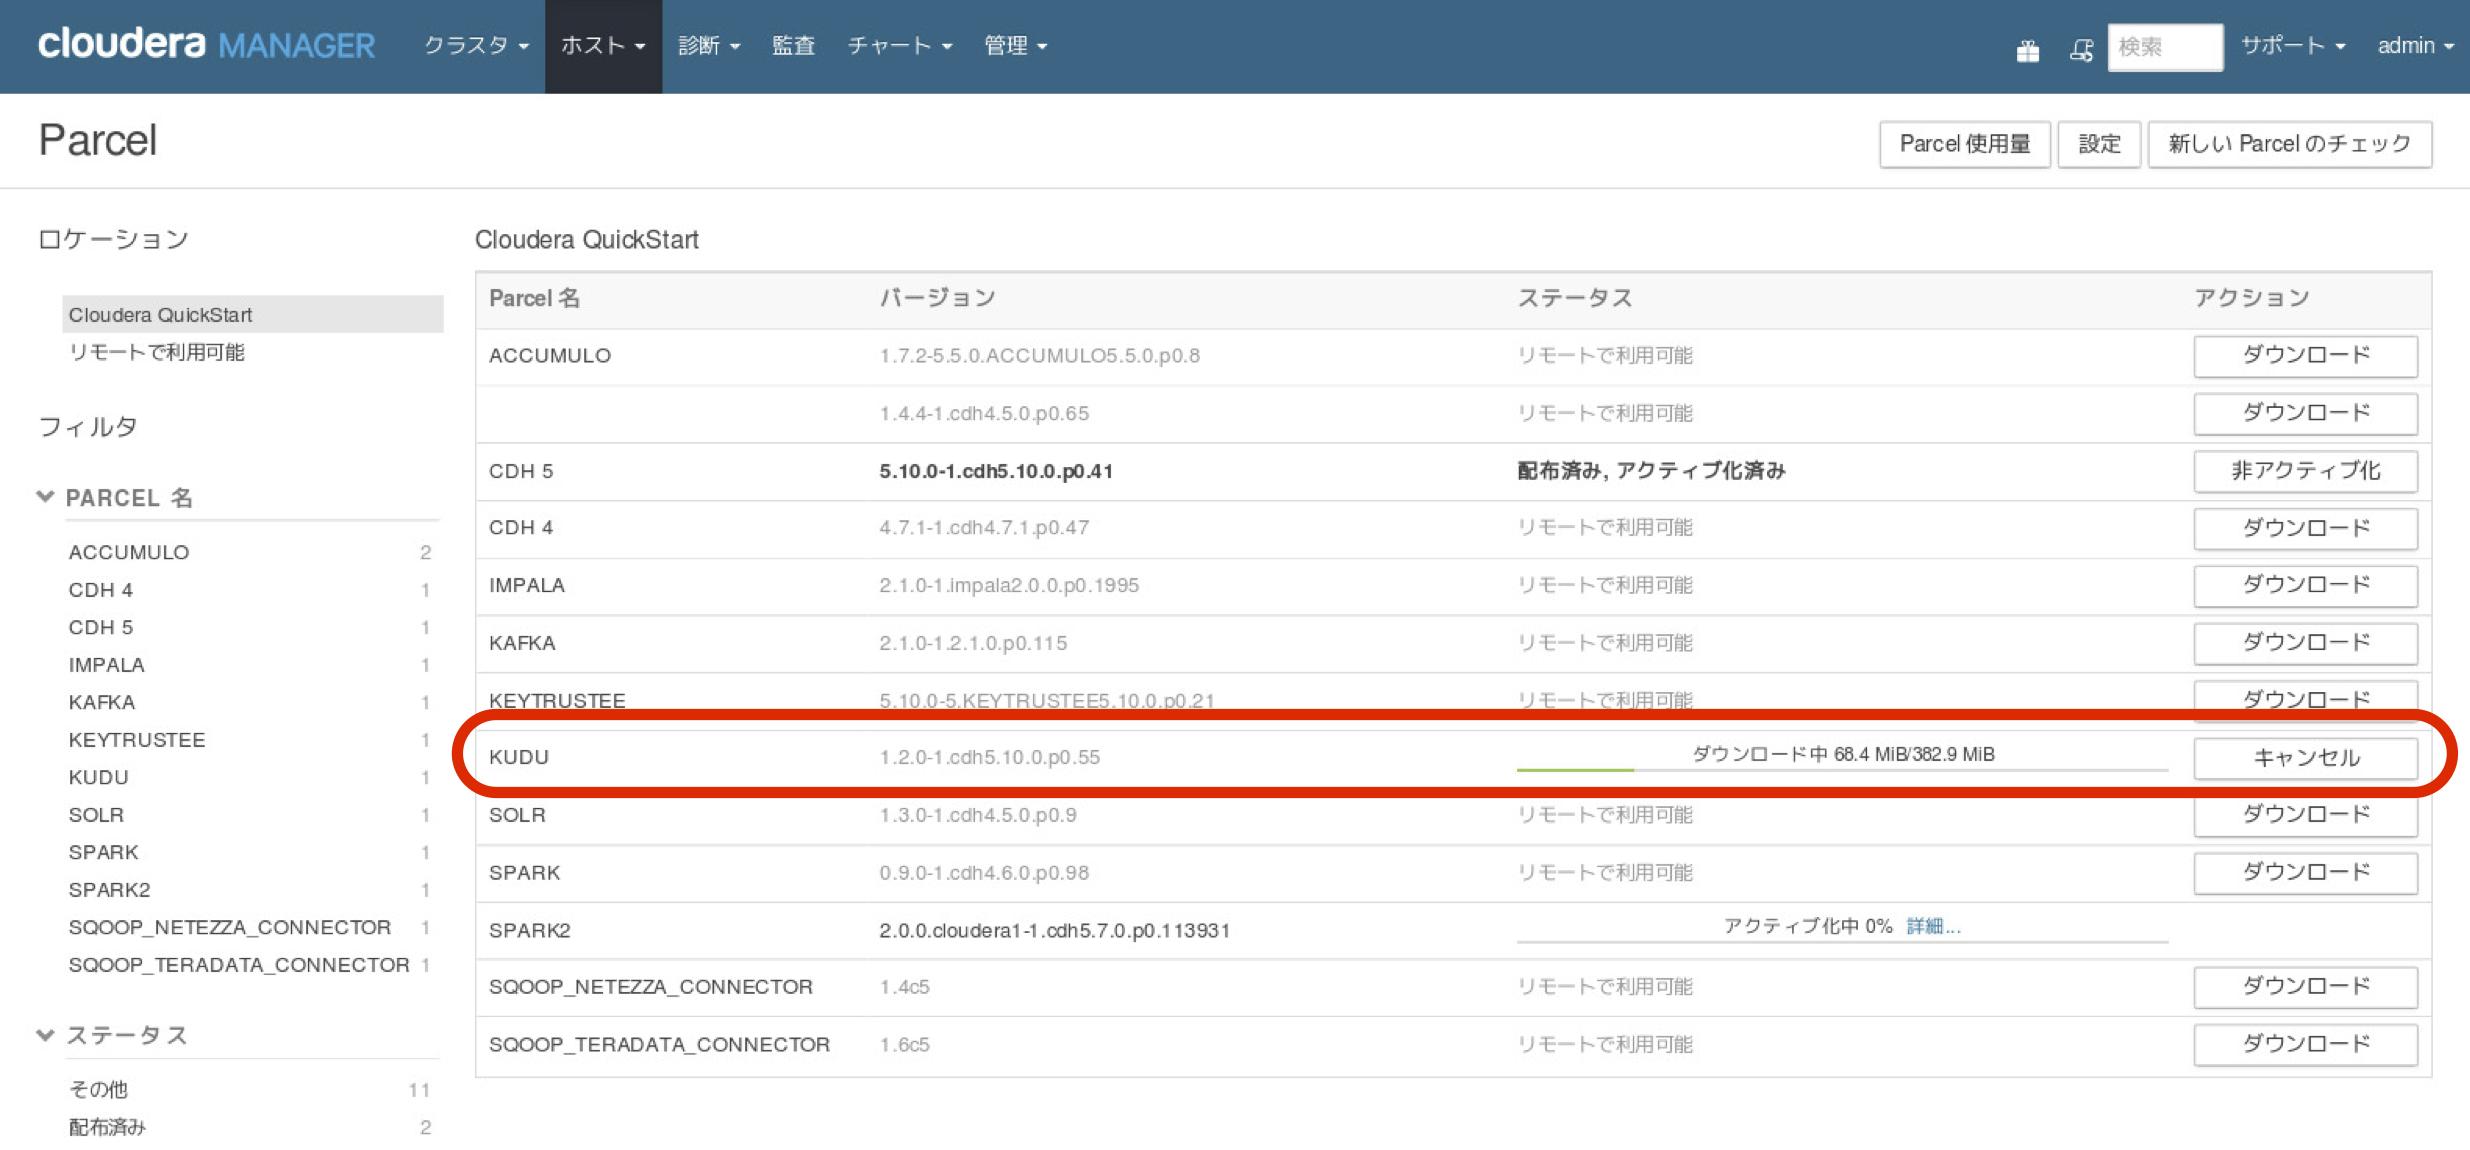 FireShot Capture 020 - Parcel - Cloud__ - http___quickstart.cloudera_7180_cm.png